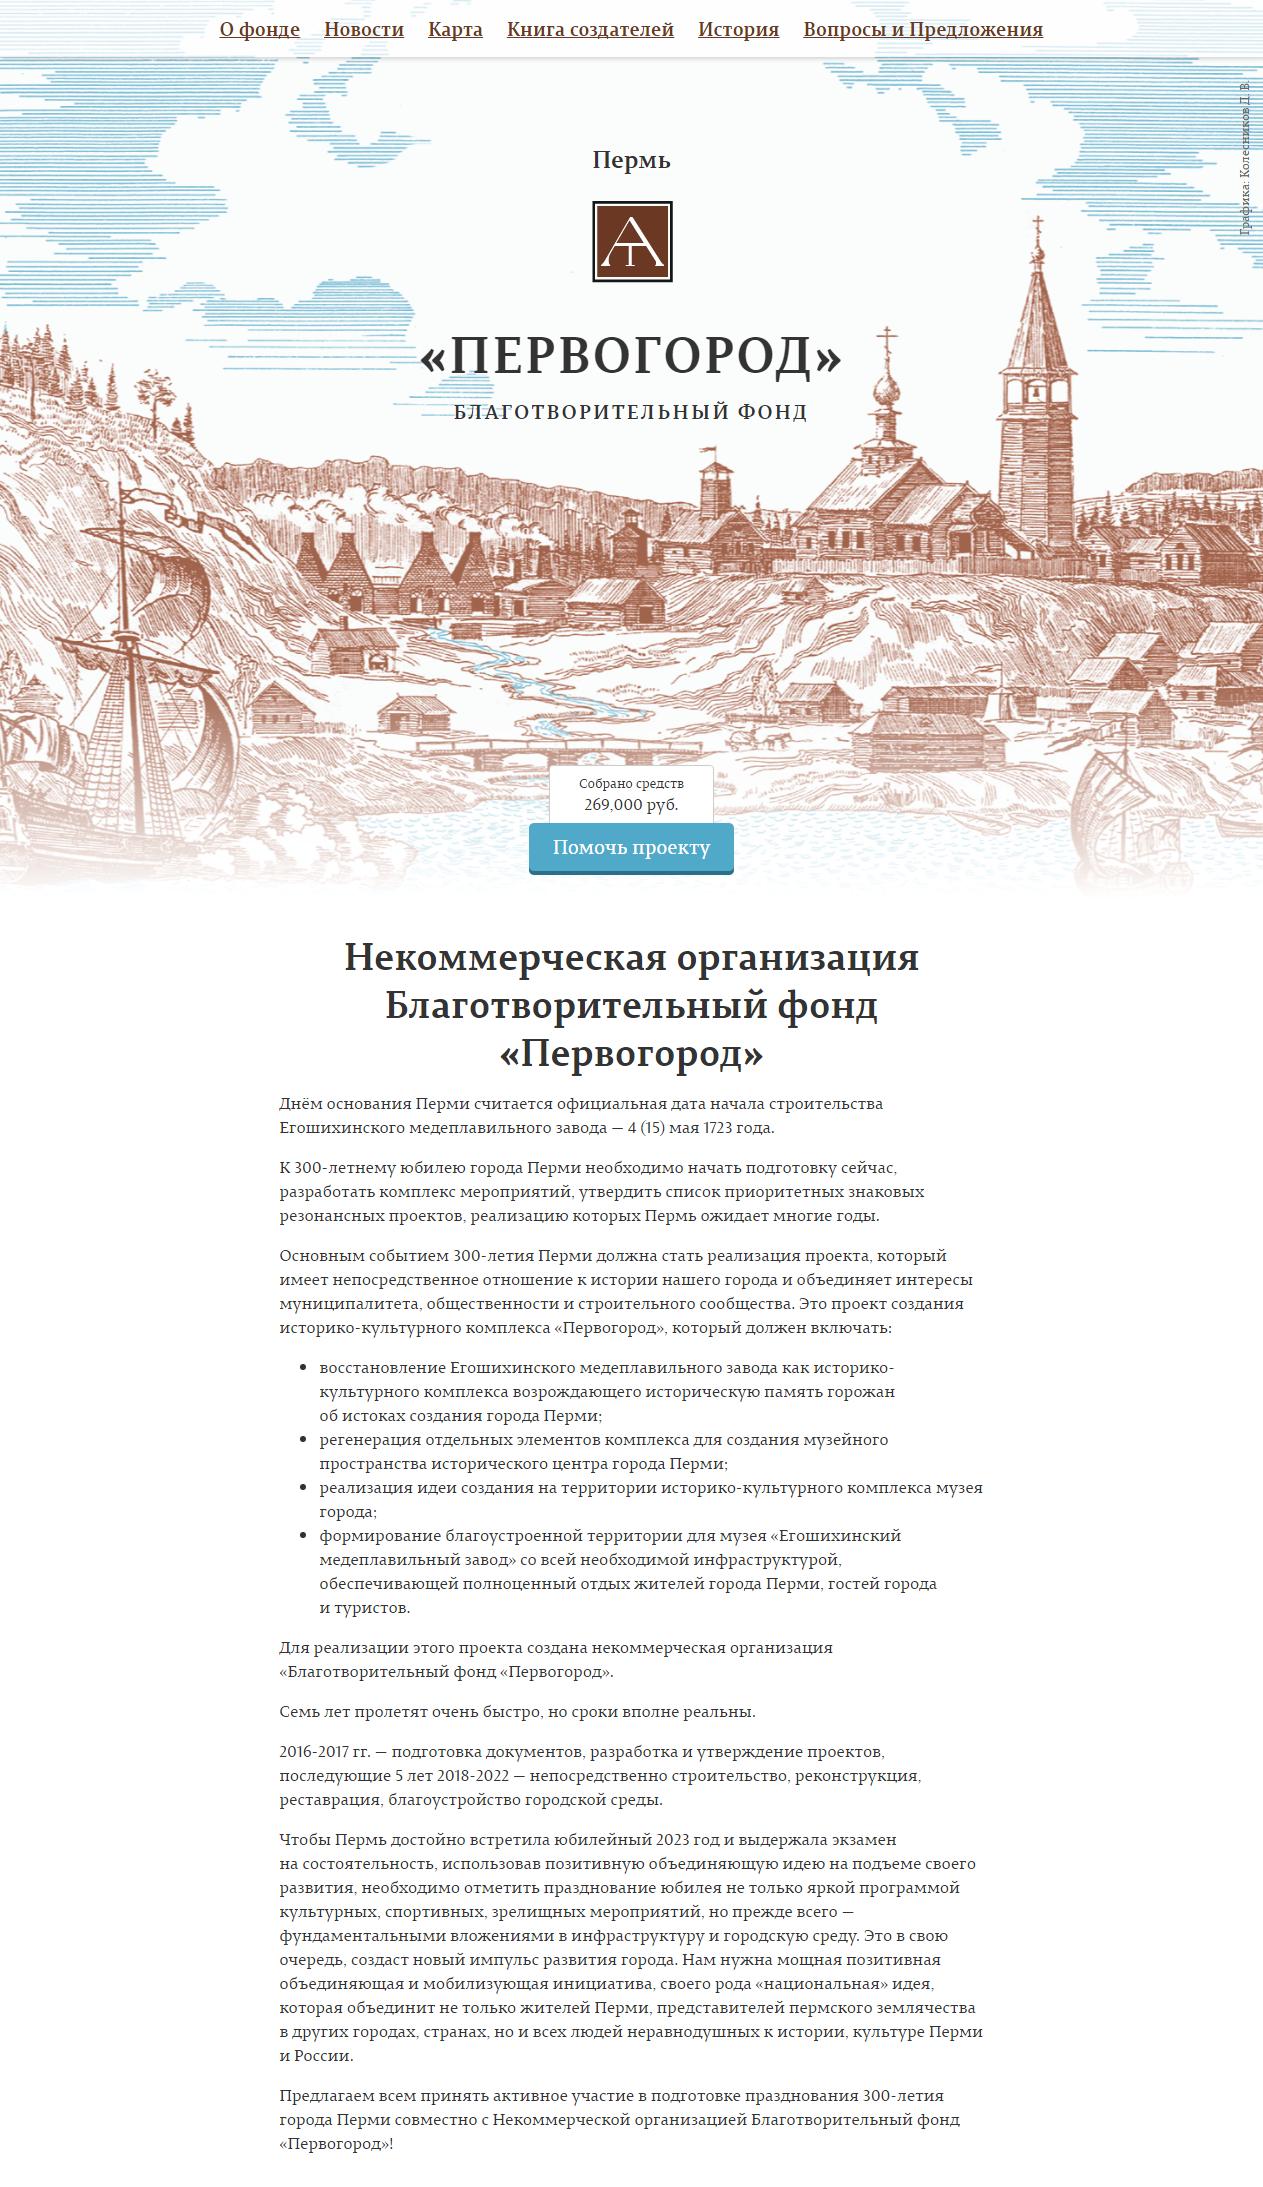 Создание сайта для благотворительного фонда «Первогород»